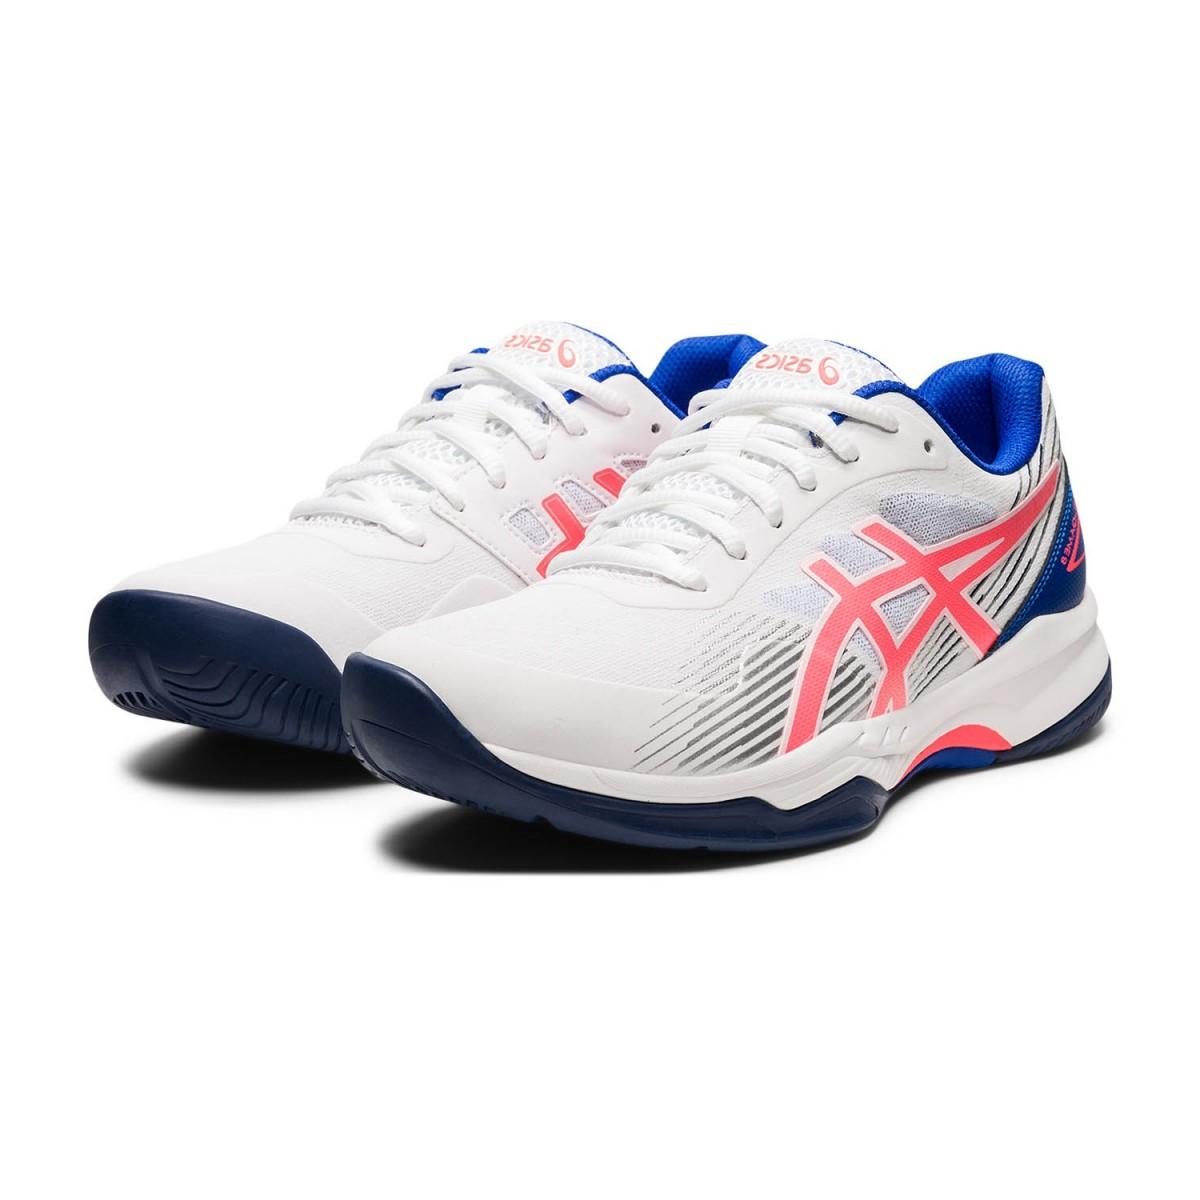 Теннисные кроссовки женские Asics Gel-Game 8 white/blazing coral